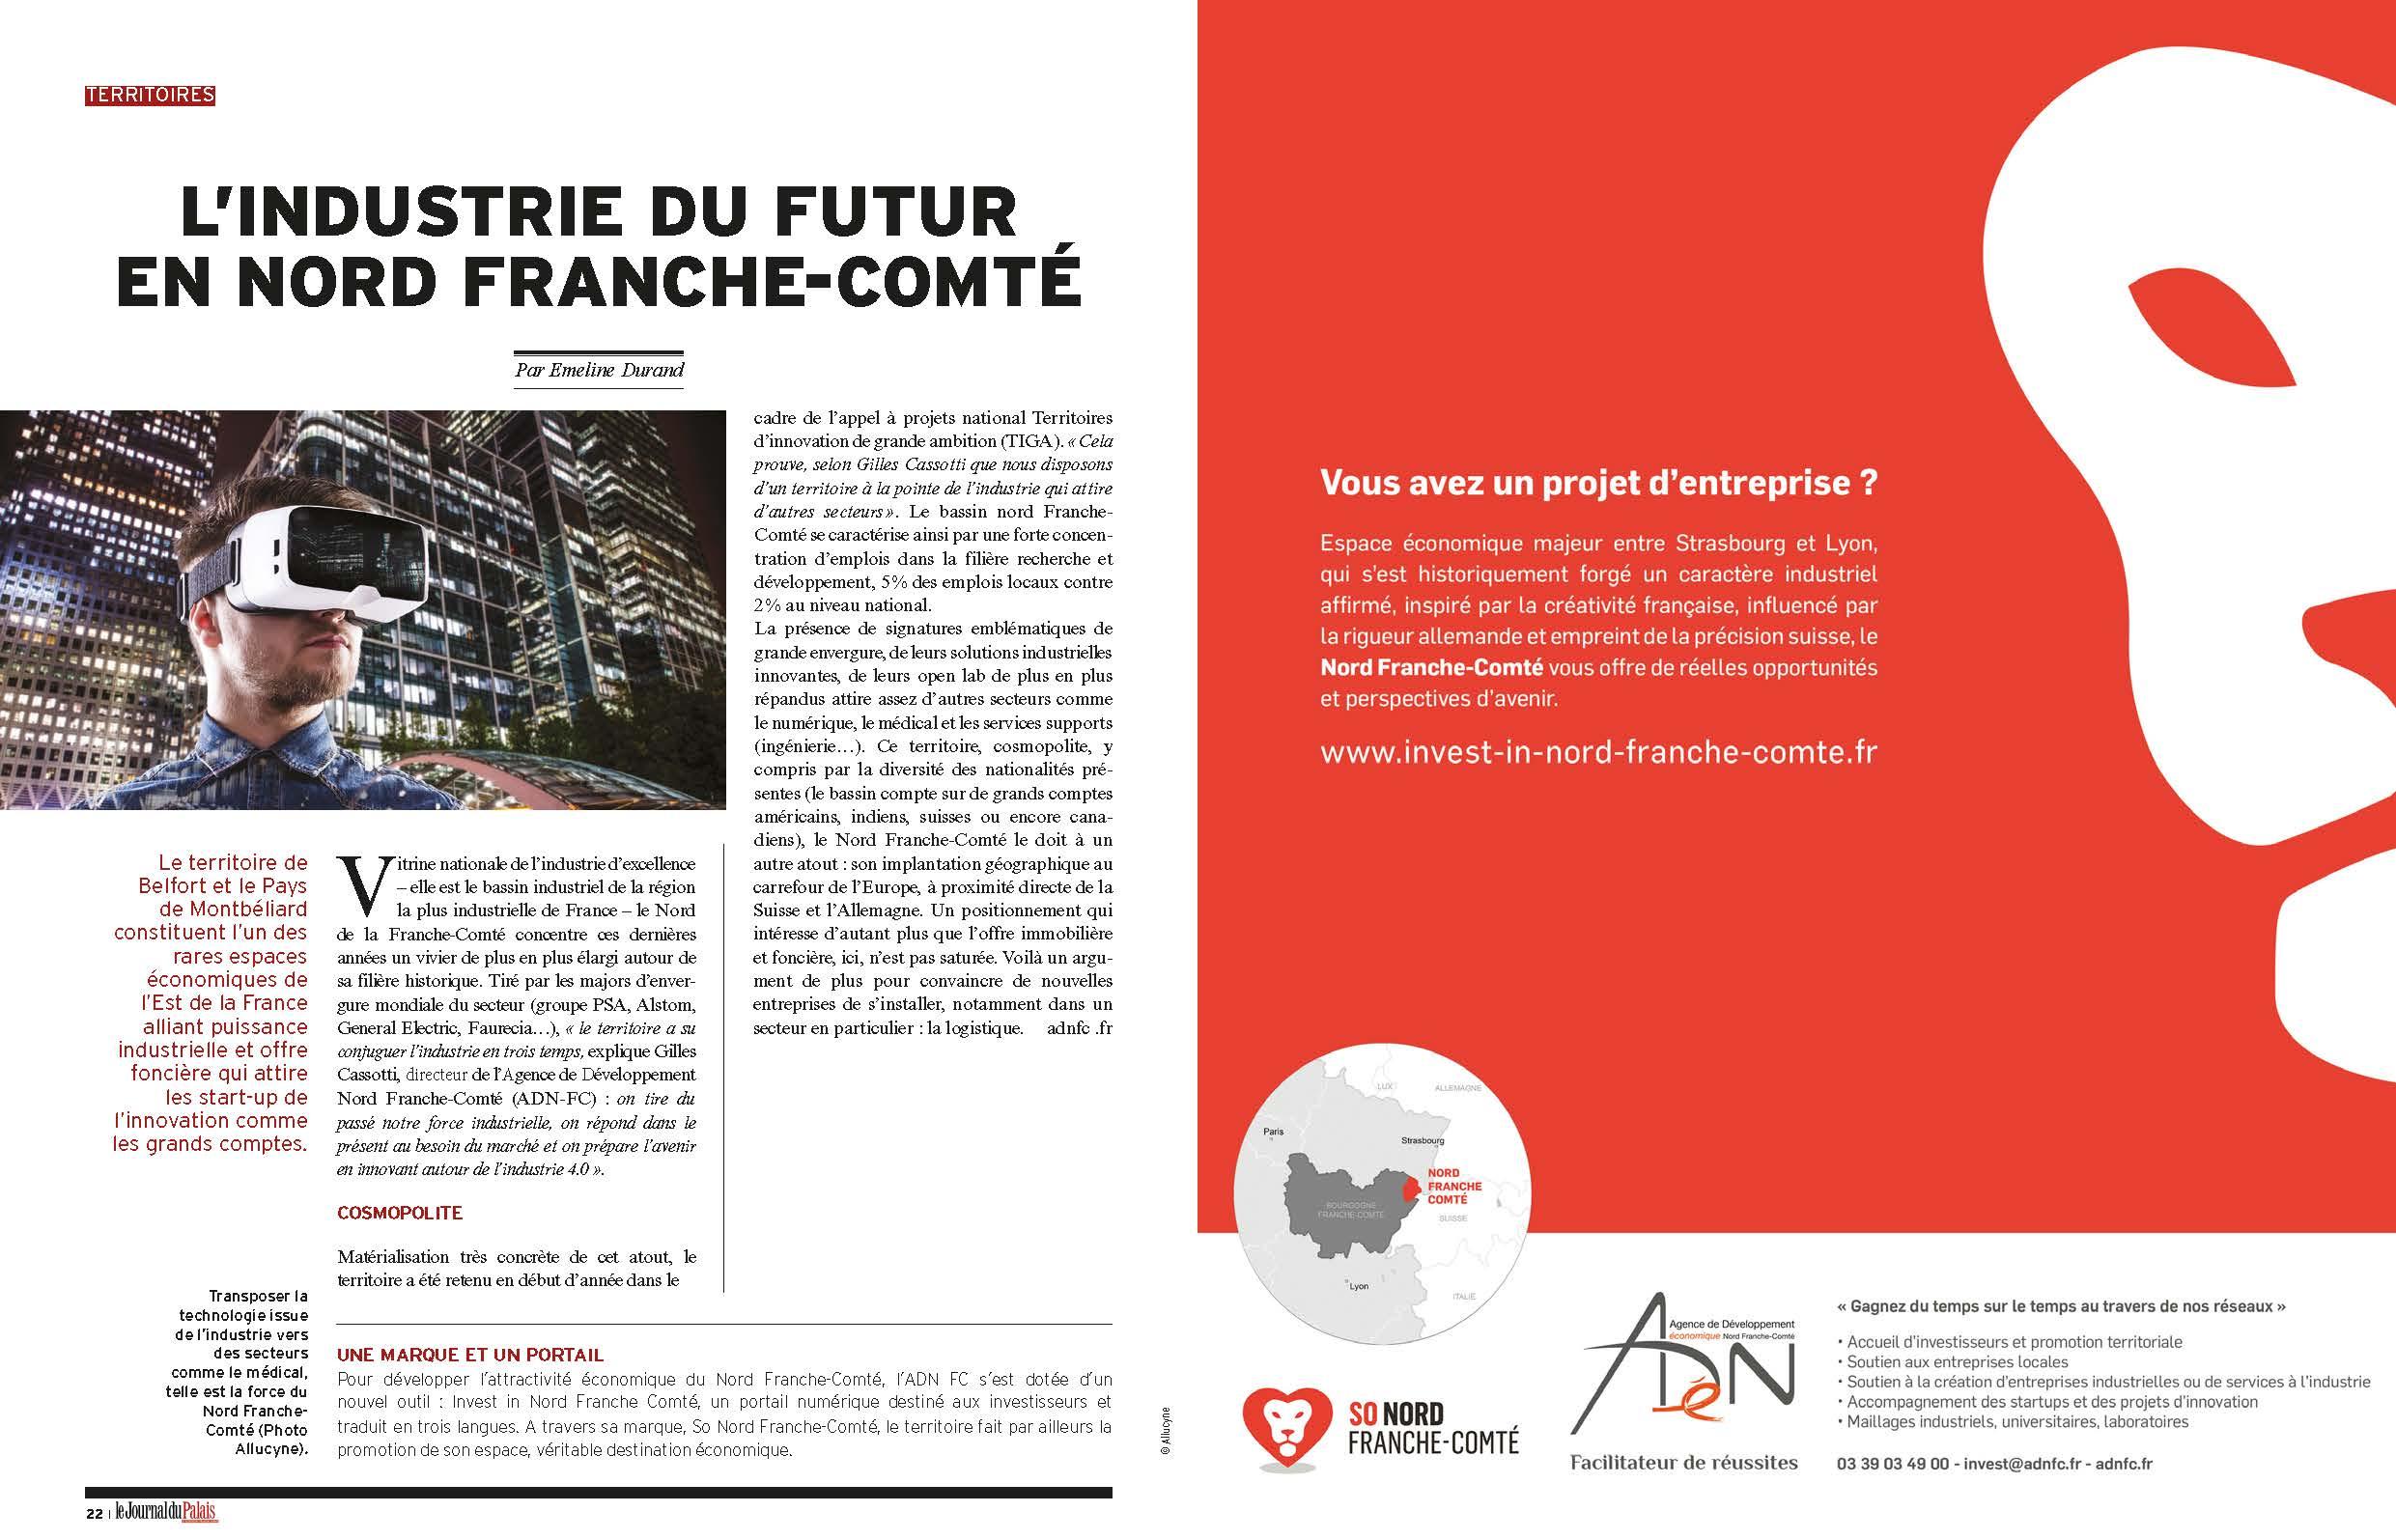 Industrie du futur en Nord Franche-Comté - Journal du palais